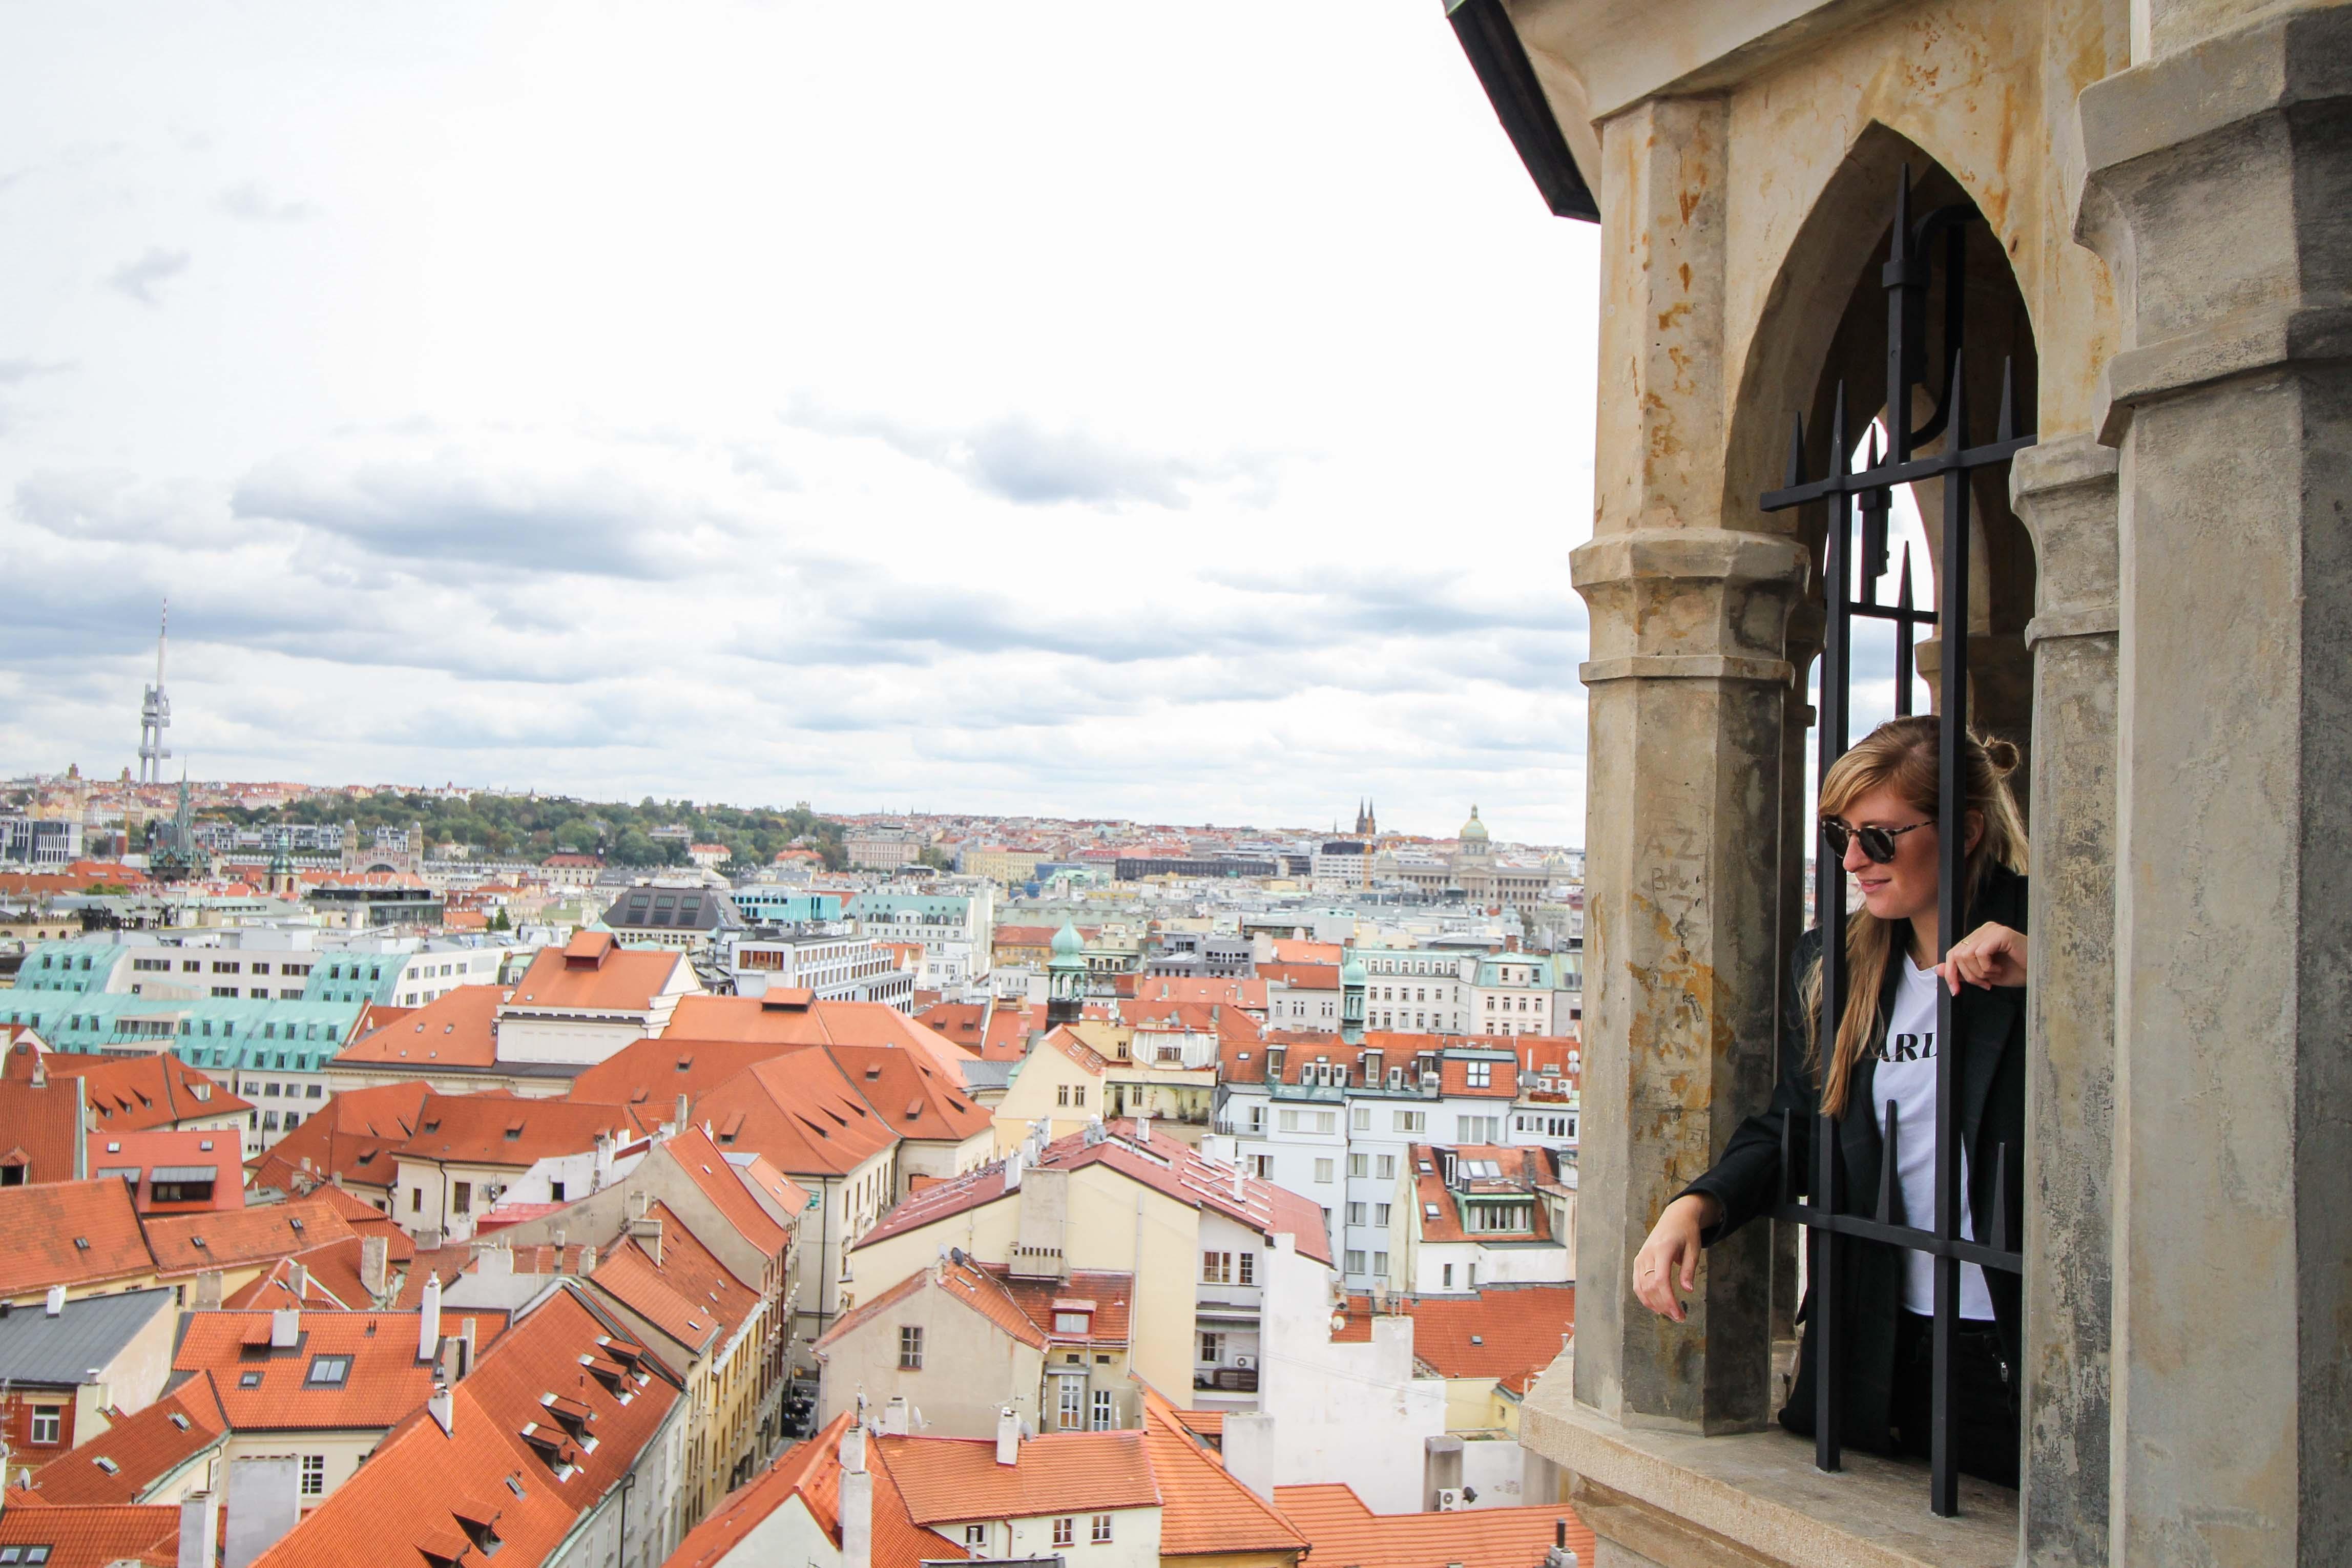 Top 10 Tipps Kurztrip Prag altes Rathaus Rathausturm Ausblick Sehenswürdigkeiten Prag Insidertipps Reiseblog 4